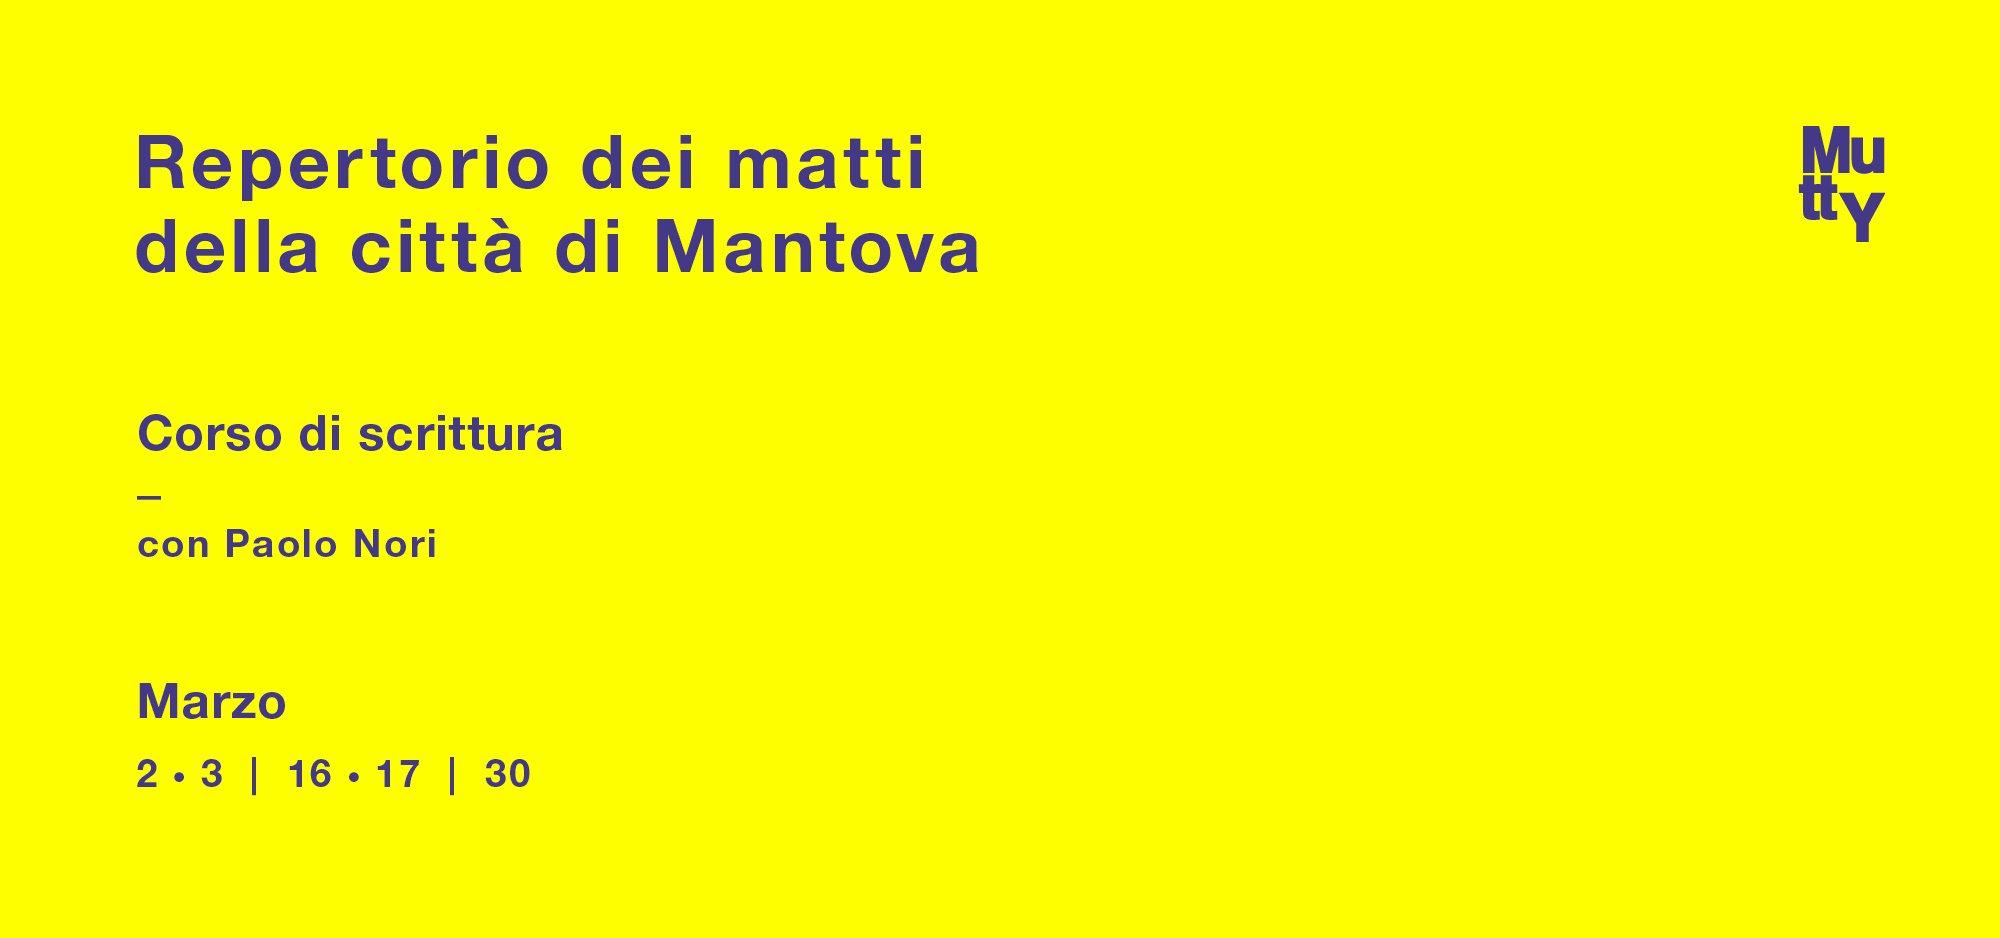 Repertorio dei matti della città di Mantova / Corso di scrittura con Paolo Nori